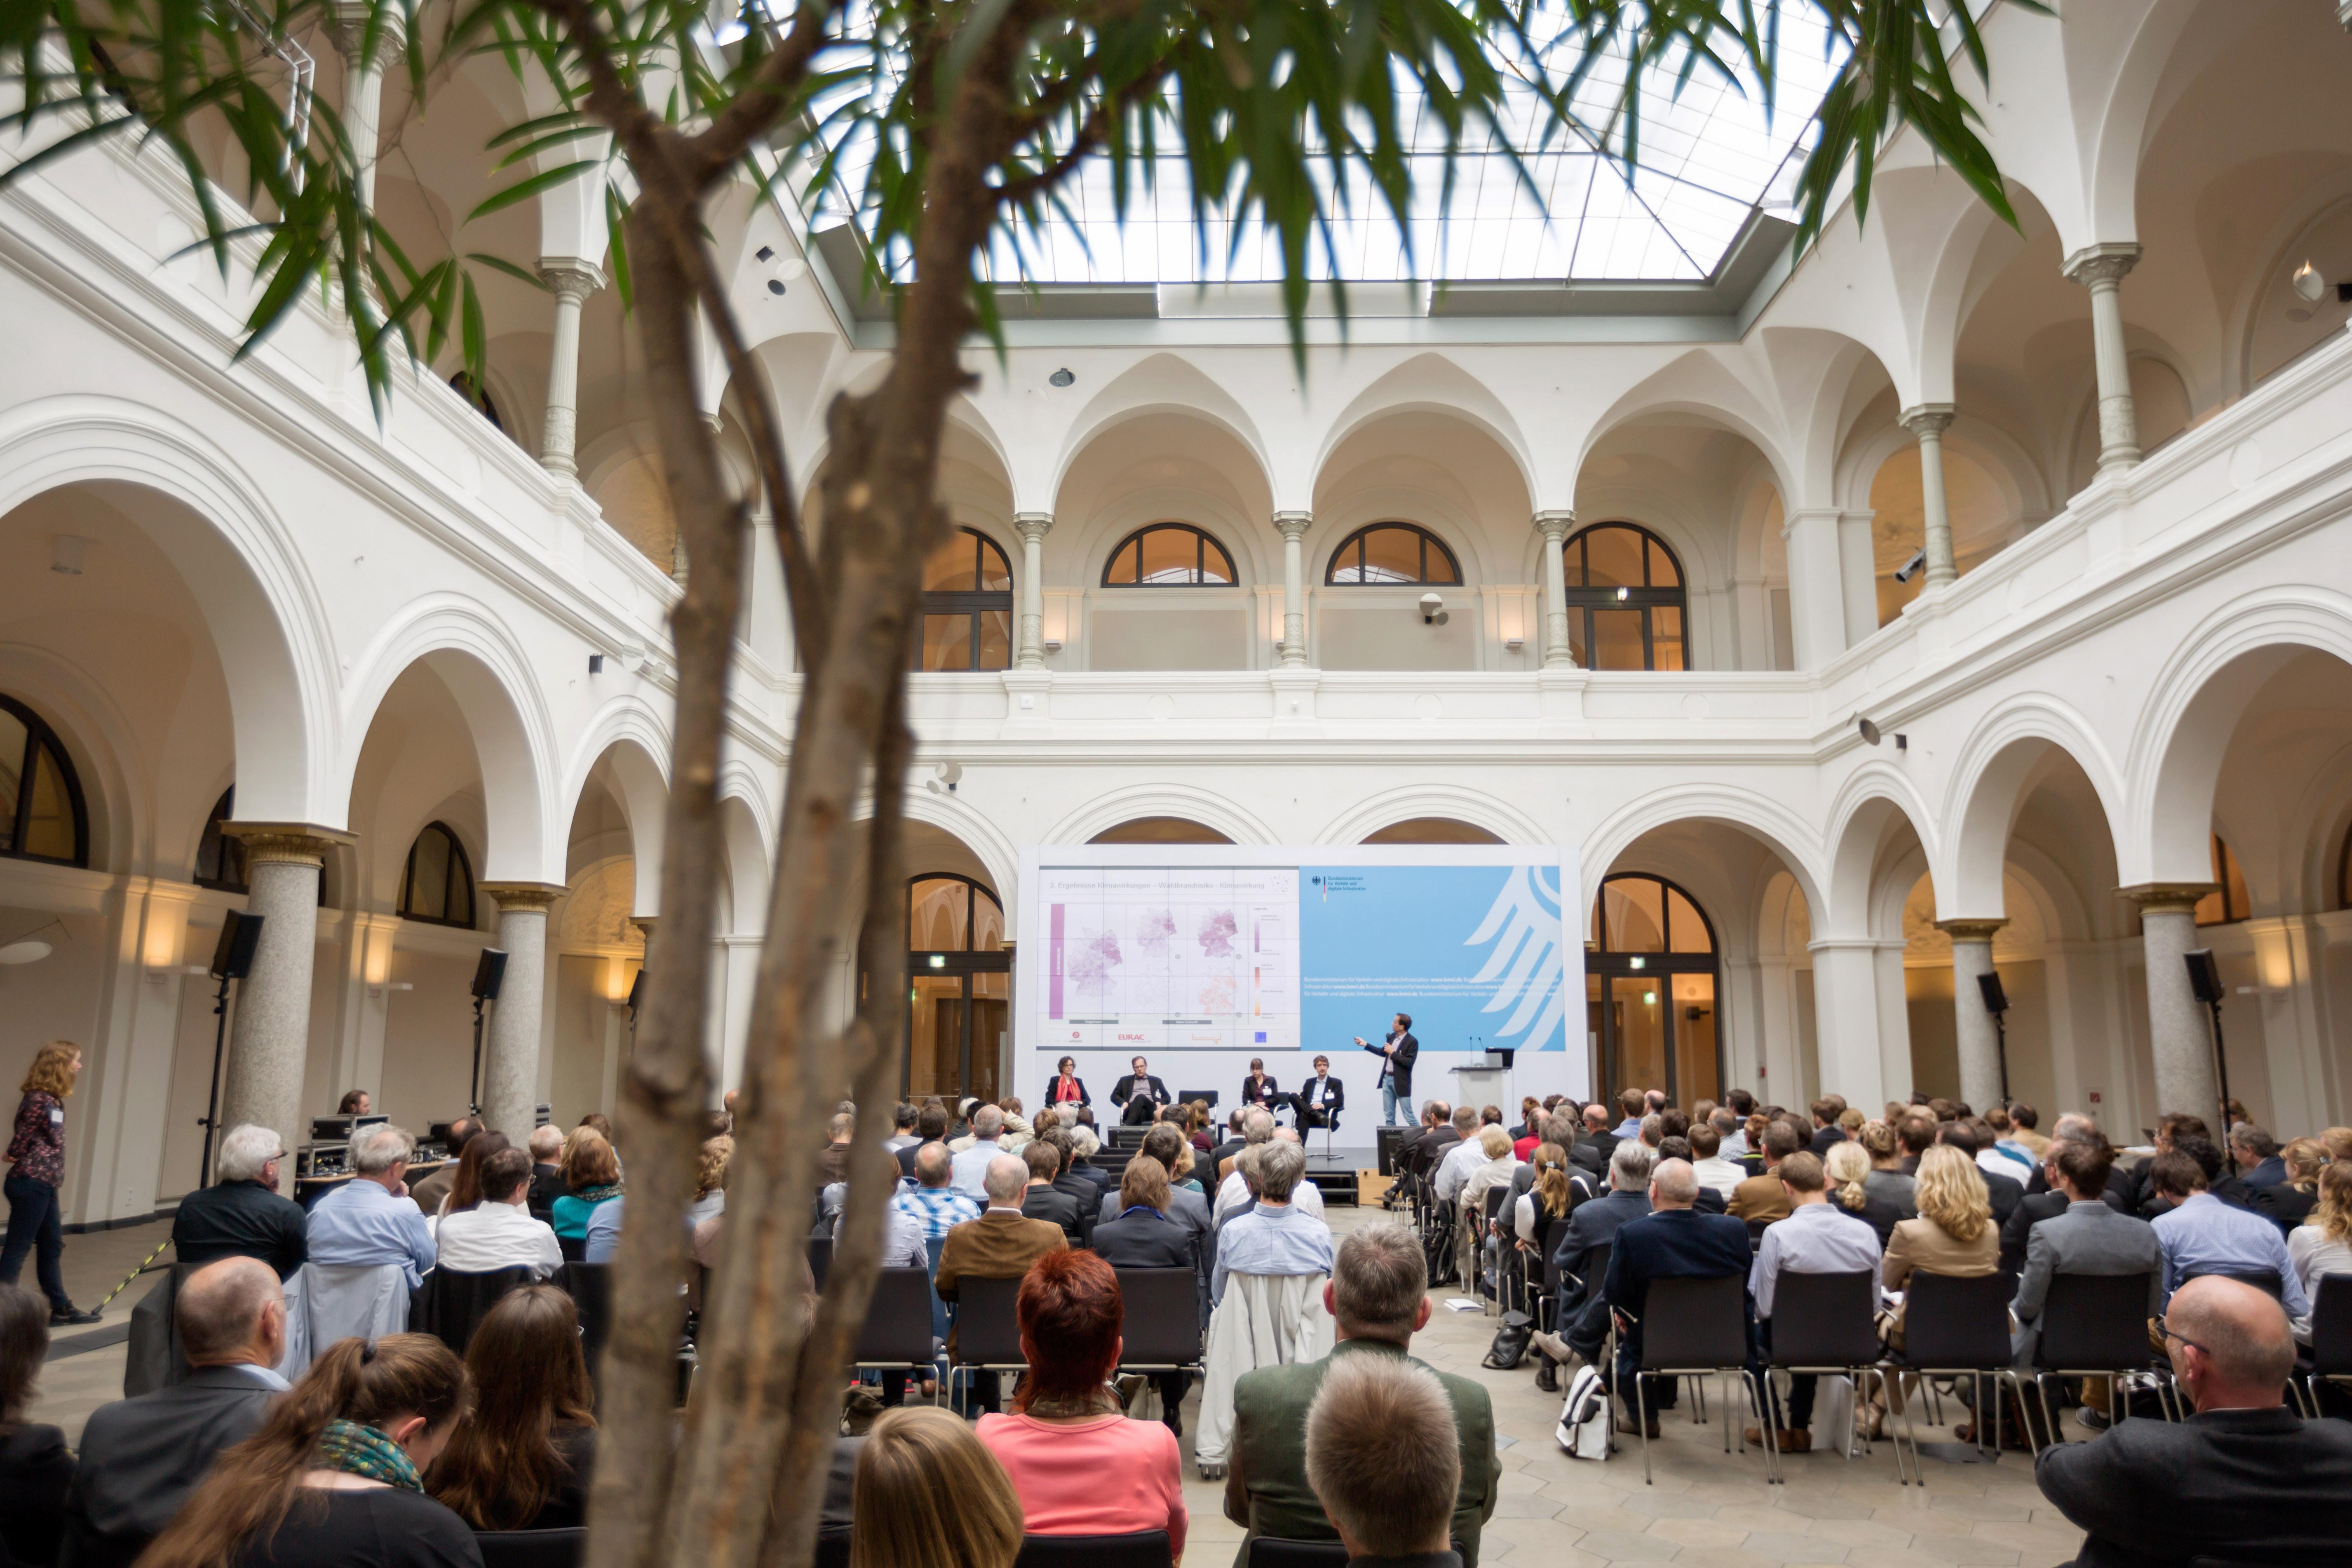 Das Publikum sieht einer Präsentation zur regionalen Auswirkung der Folgen des Klimawandels in Deutschland zu